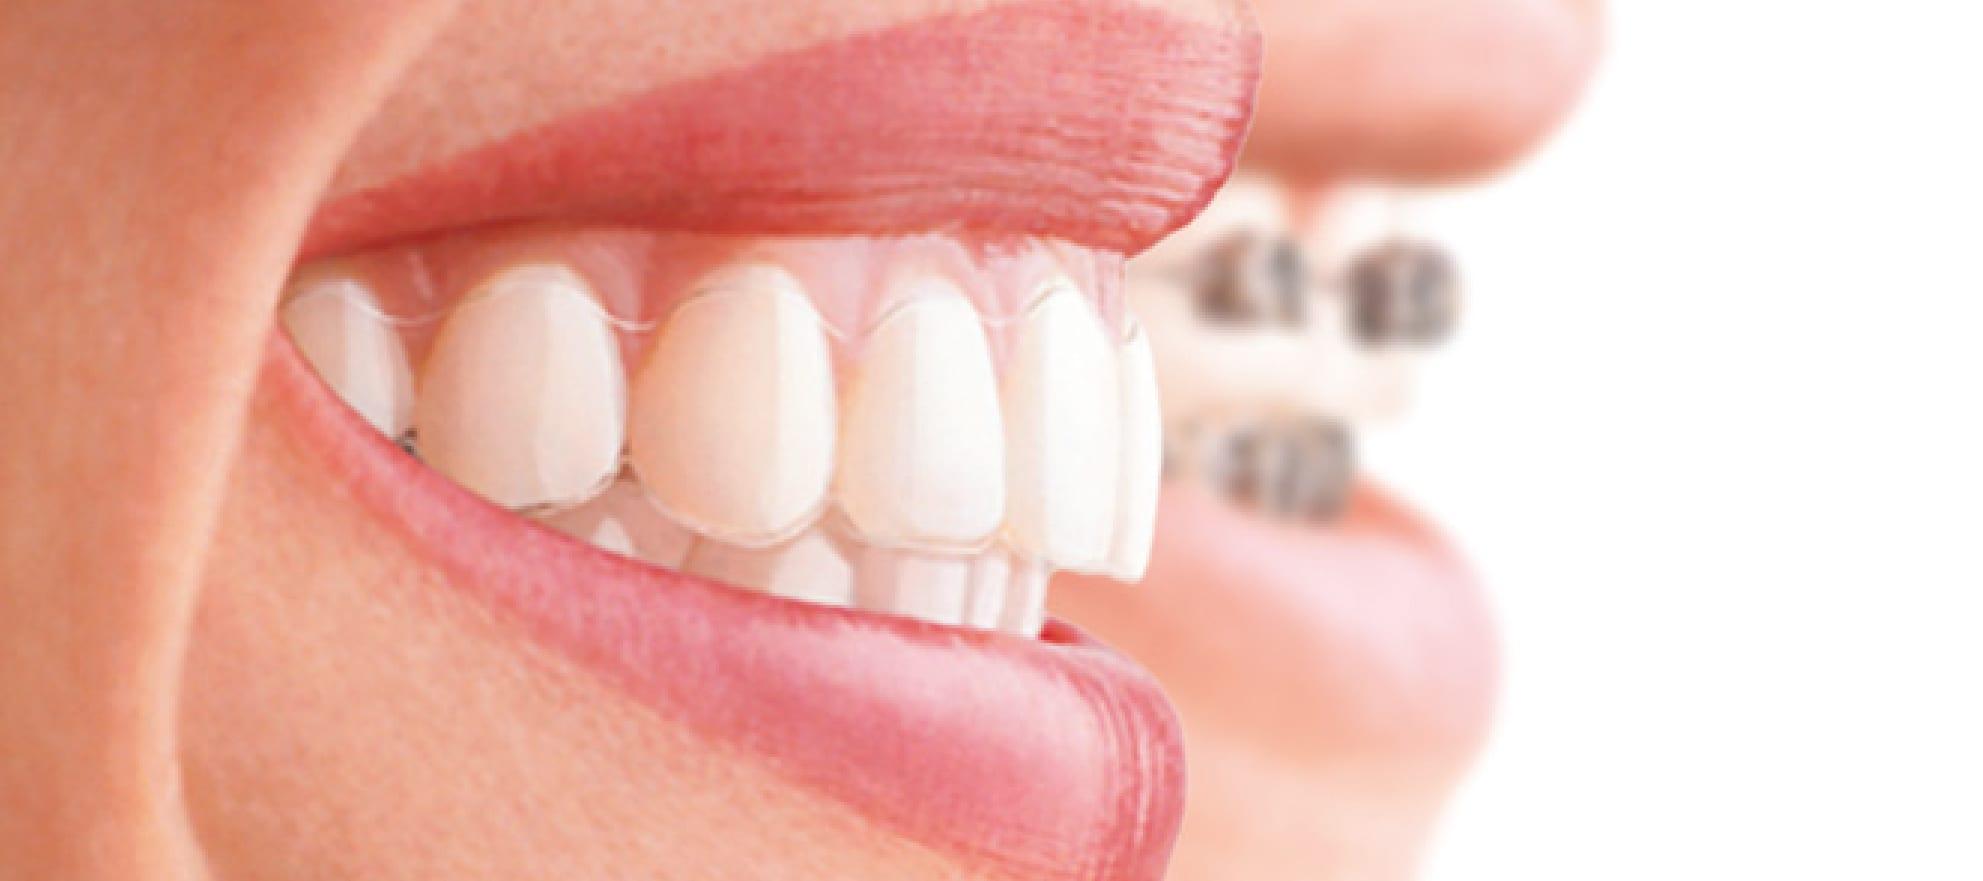 #1 Orthodontics Liverpool.